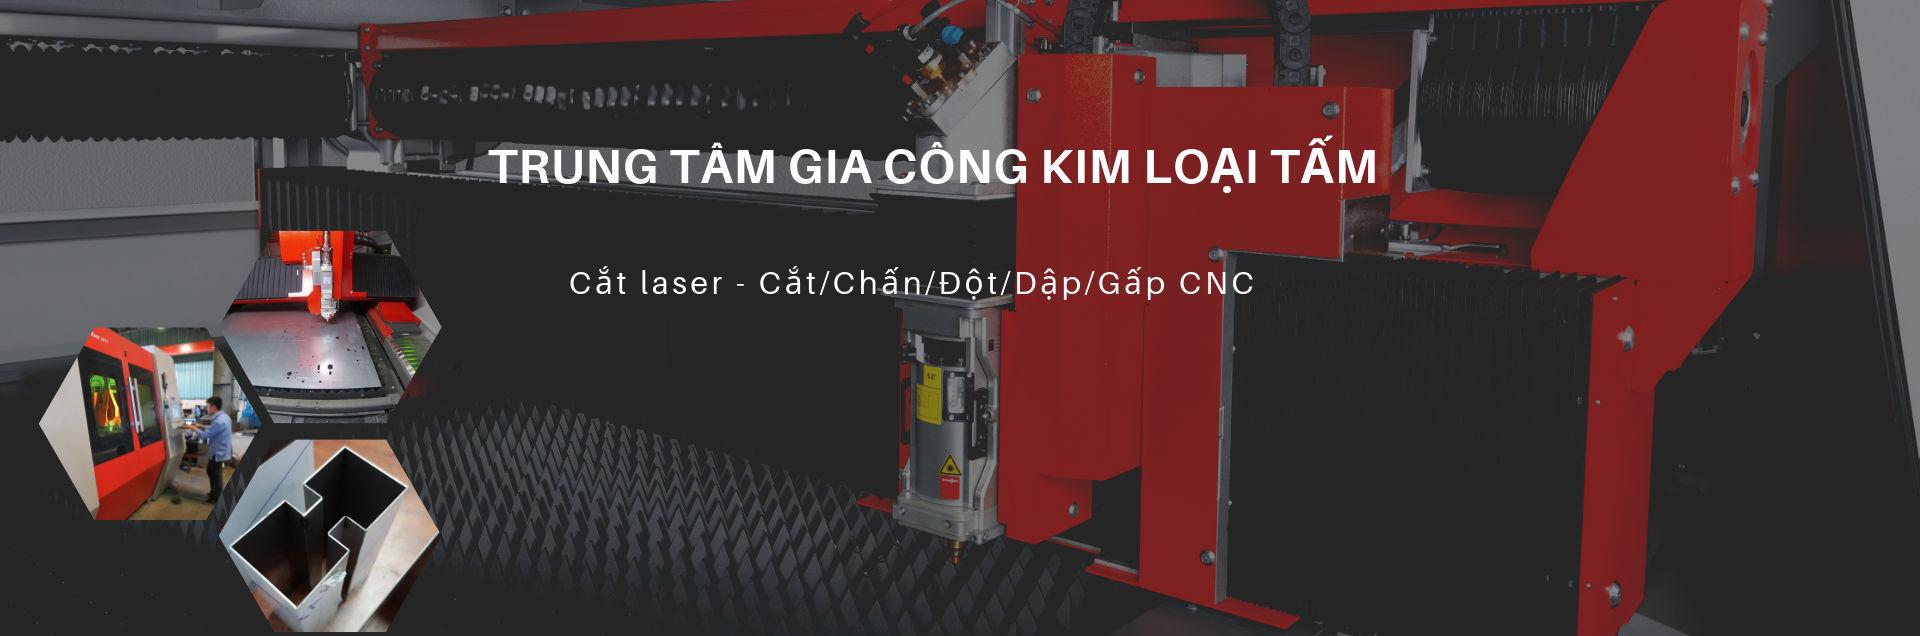 cat-laser-cat-cnc-cat-laser-inox-dot-dap-cnc